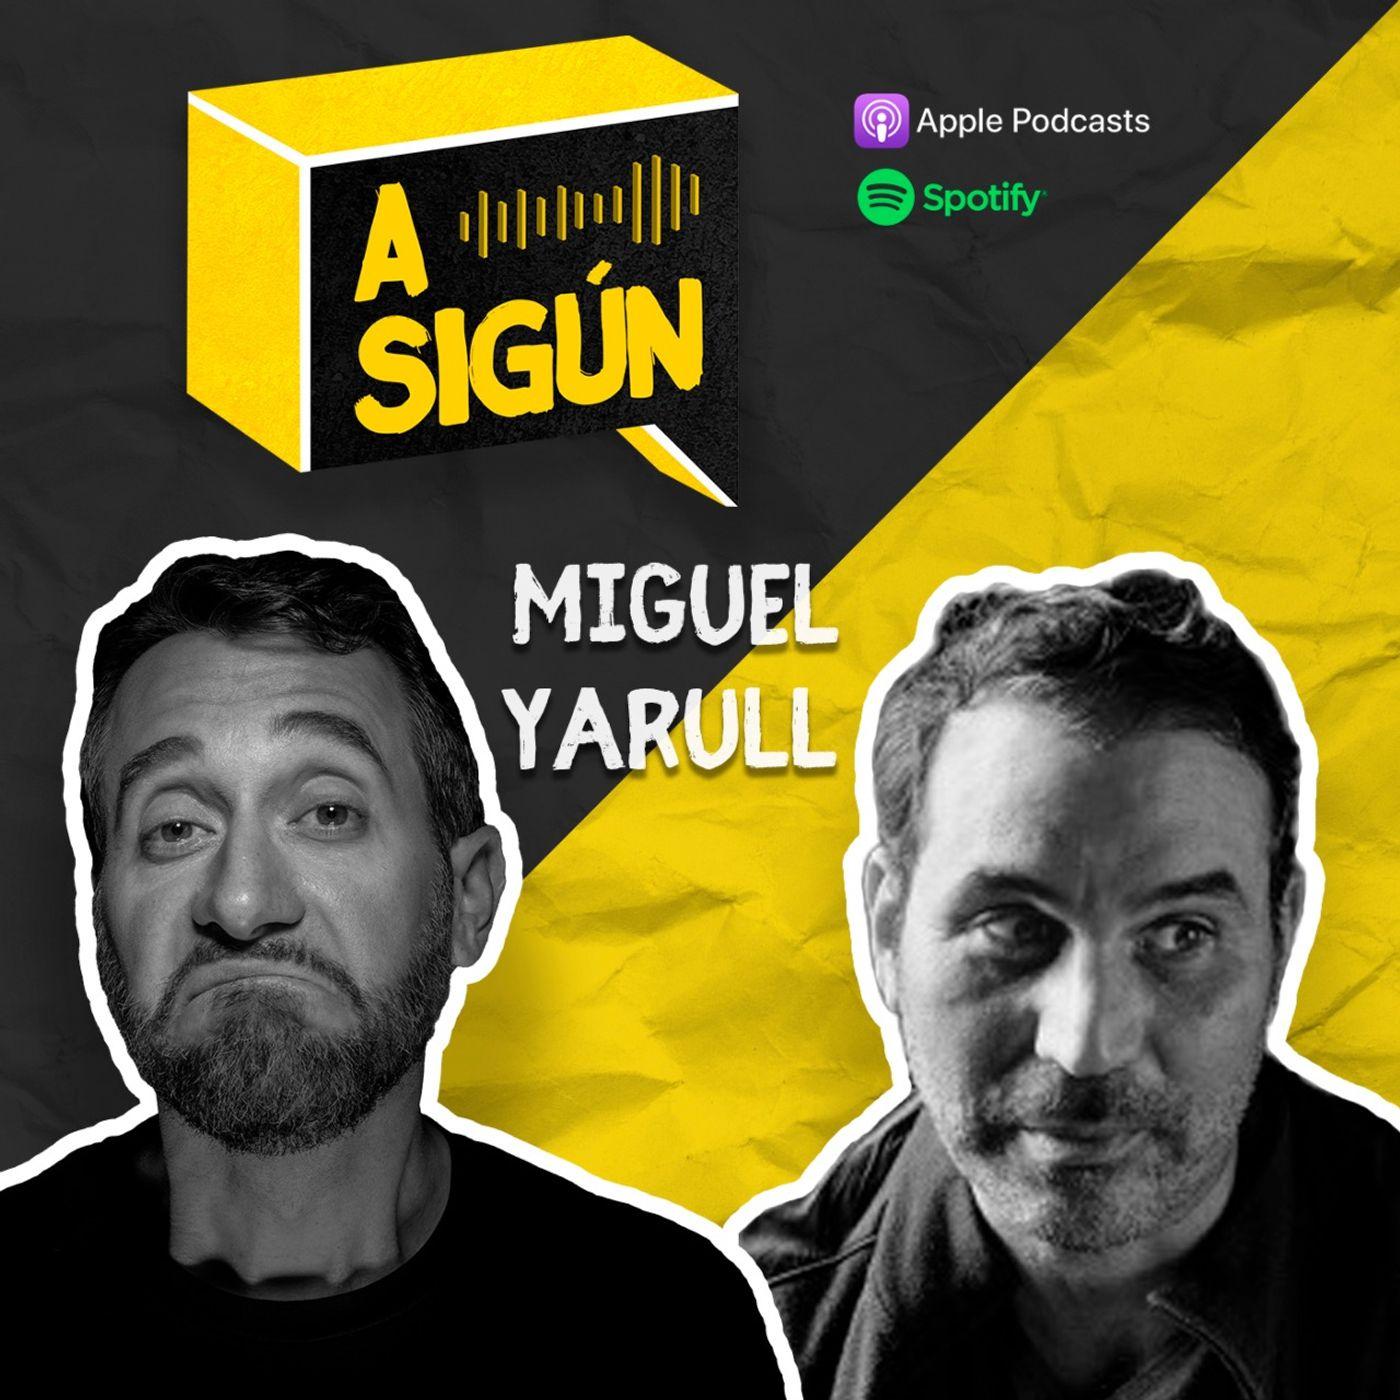 006. A SIGÚN: Miguel Yarull